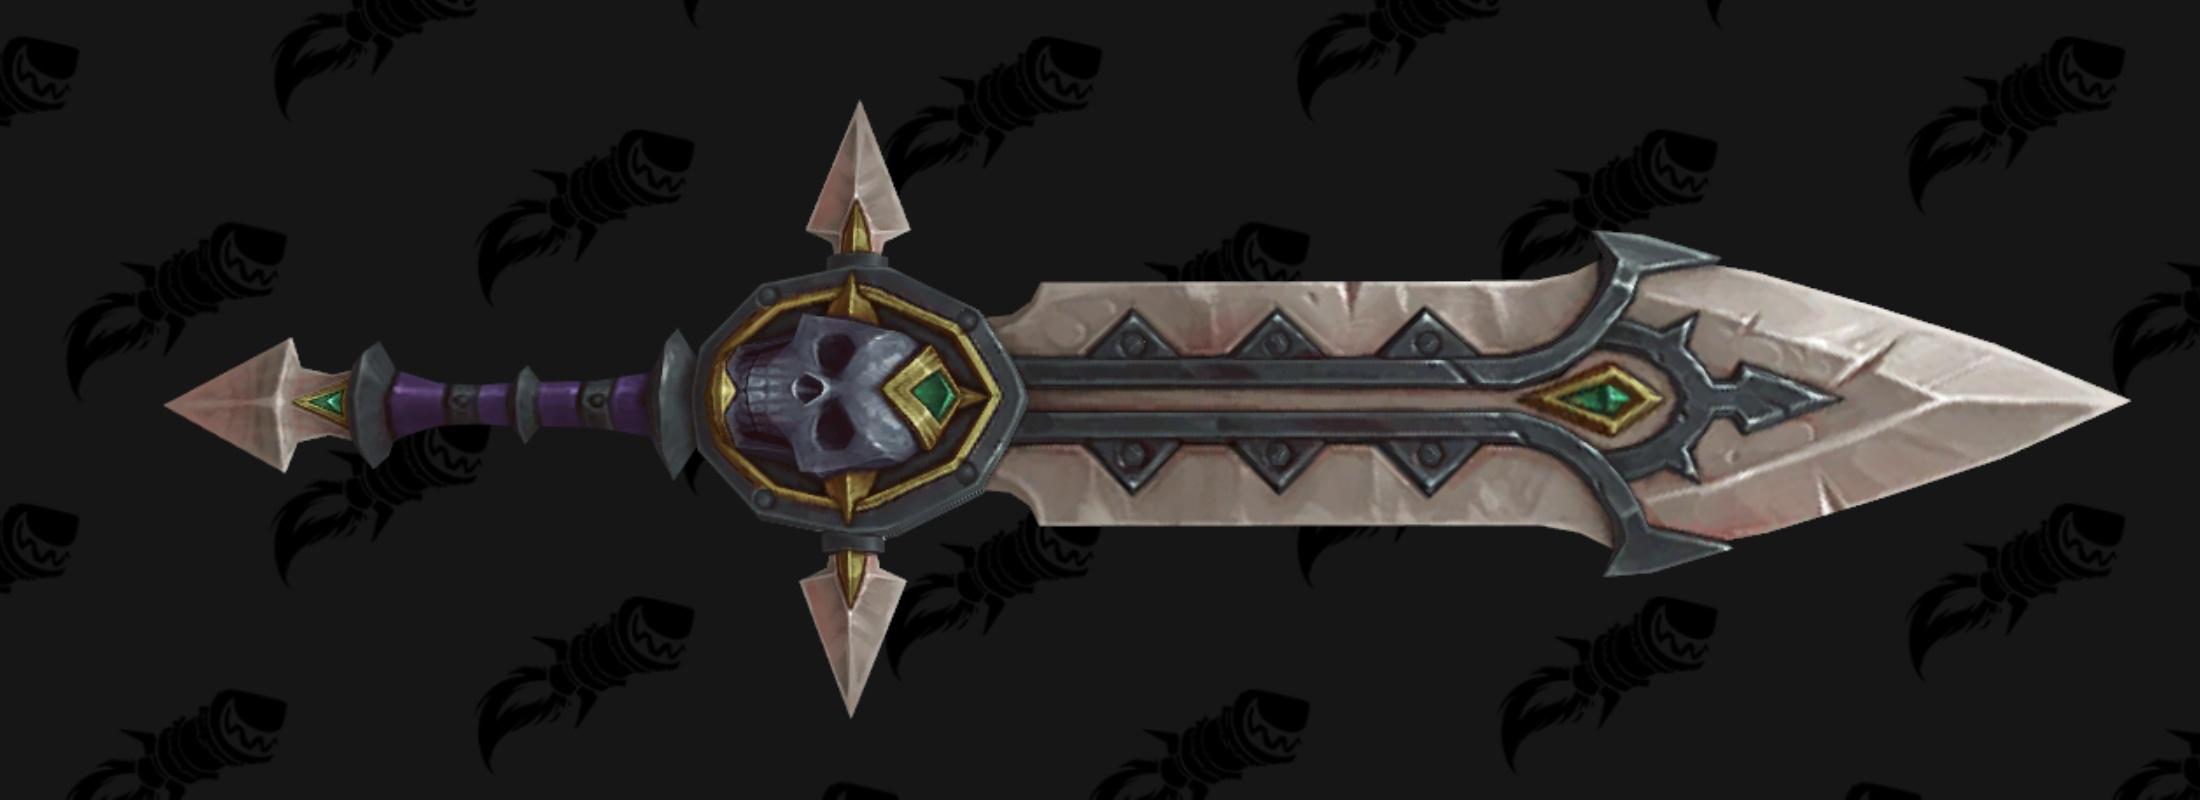 Épée (deux mains) Horde - Front de guerre Sombrivage